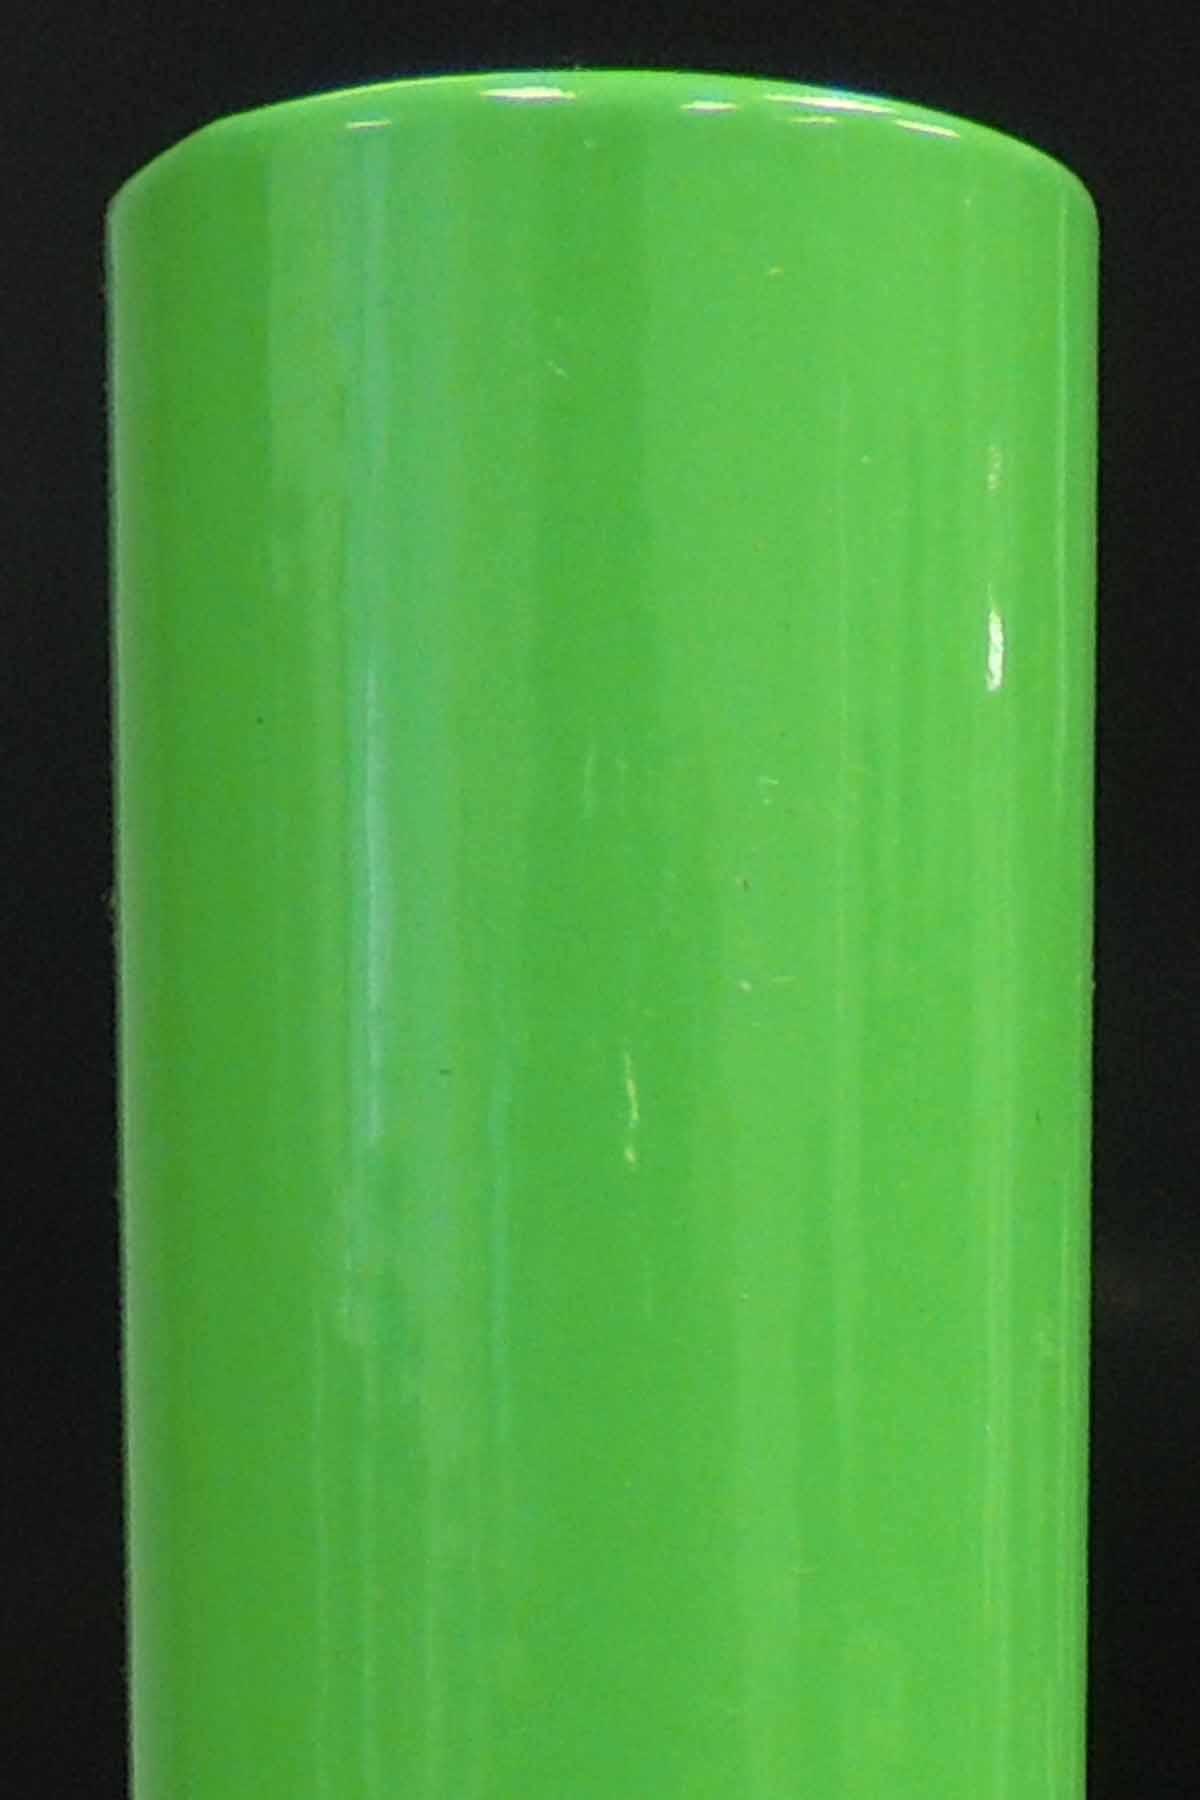 GS Green 6018